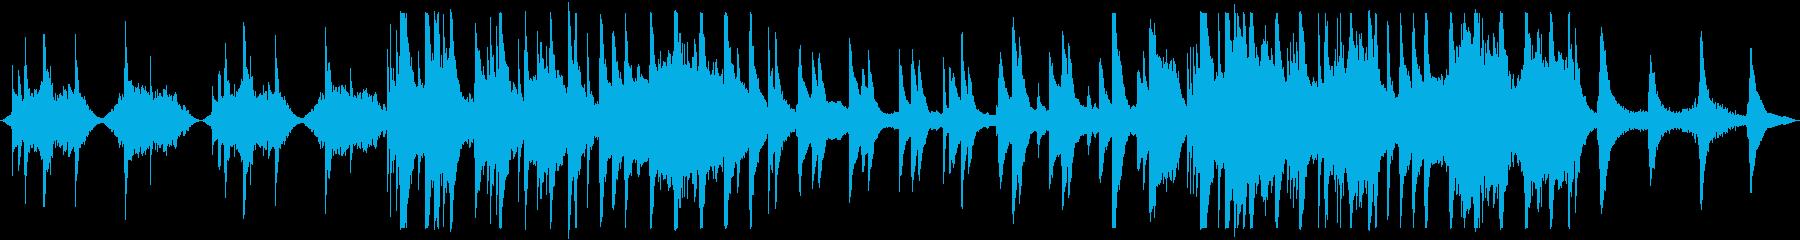 【ループ版】和風 バラード美しい琴の再生済みの波形